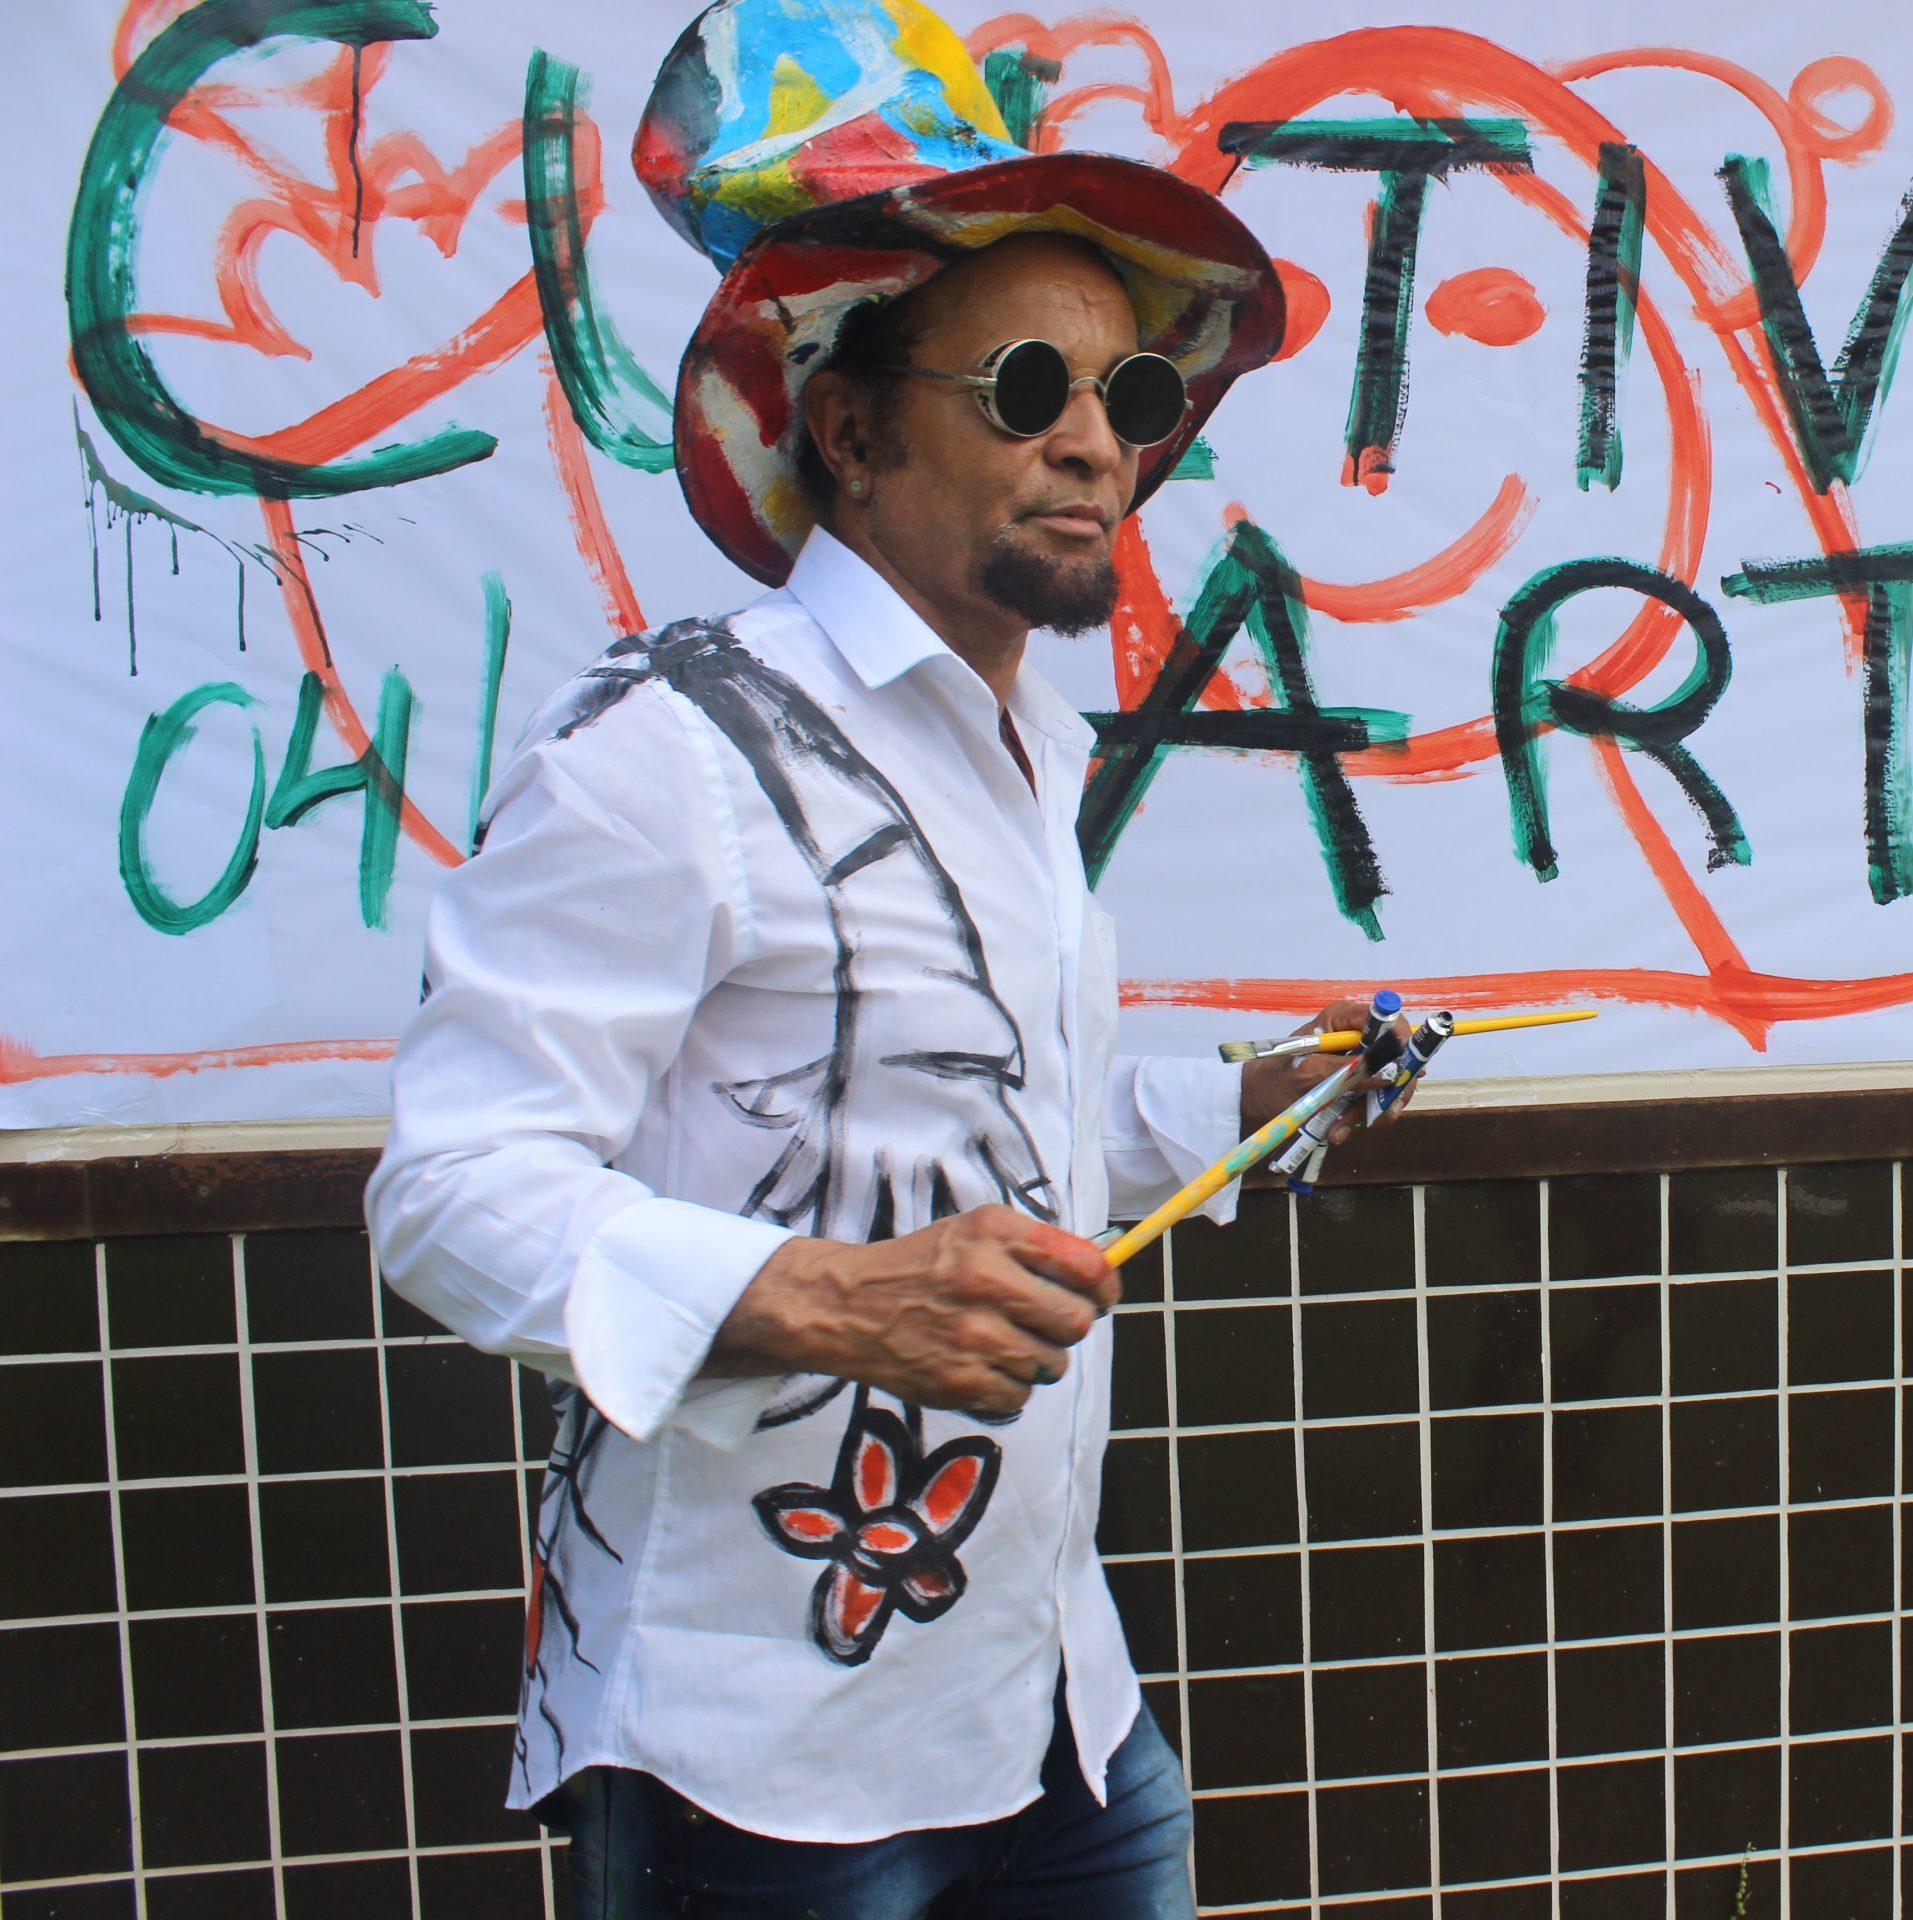 Menelaw vai ministrar oficina de arte para a criançada no Tivoli Ecoresort Praia do Forte